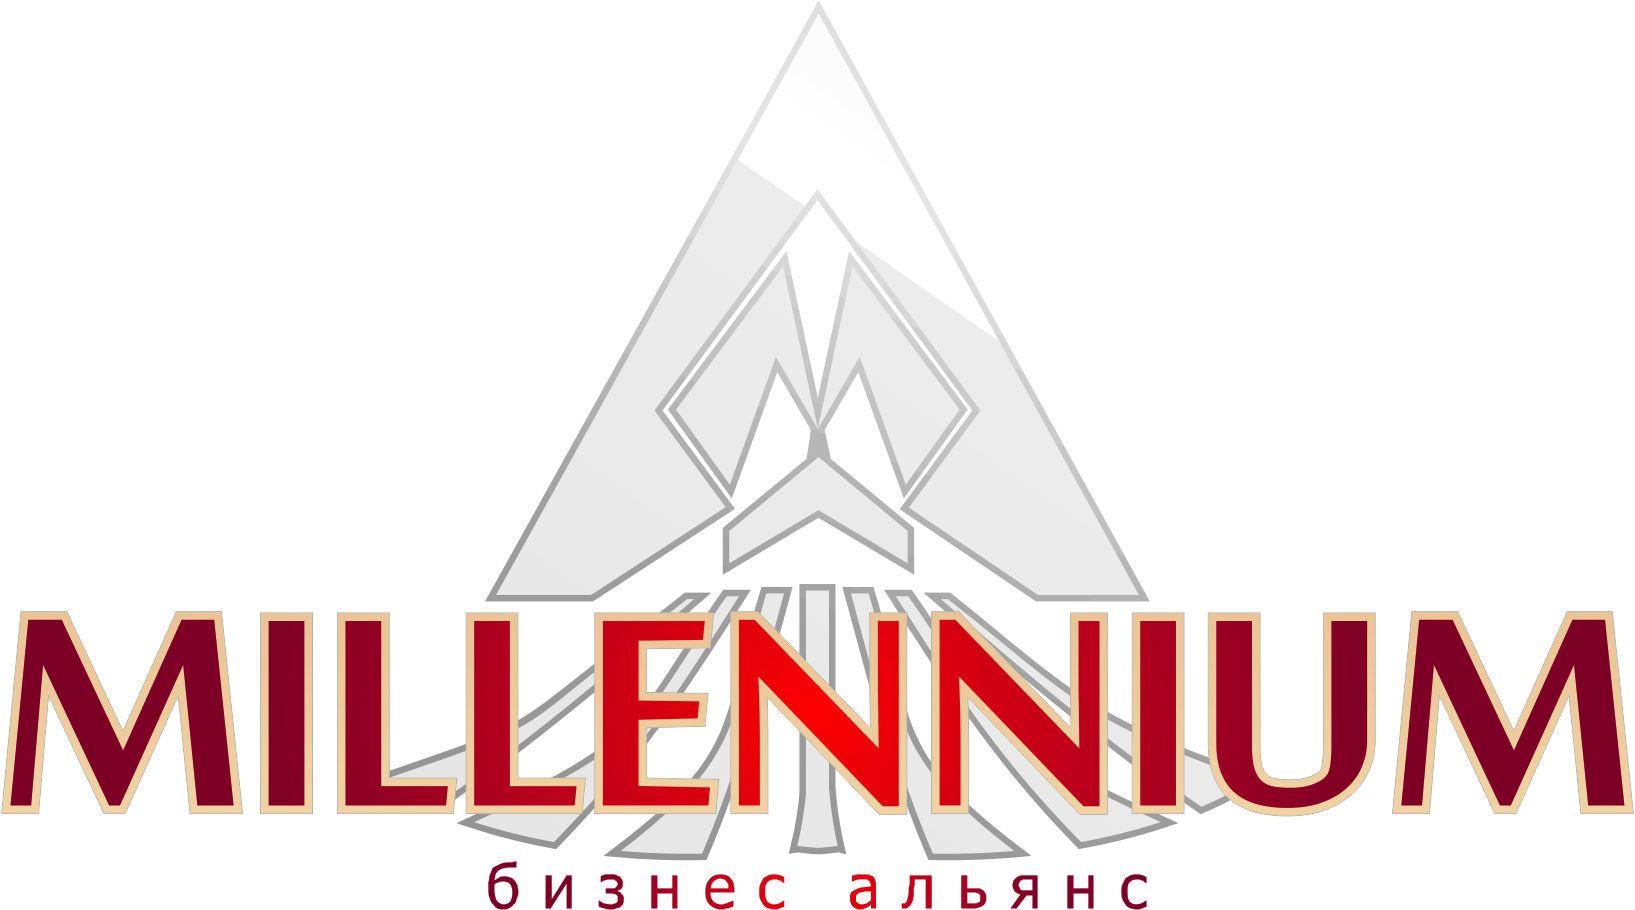 Бизнес Альянс Милленниум - дизайнер DDesign2014